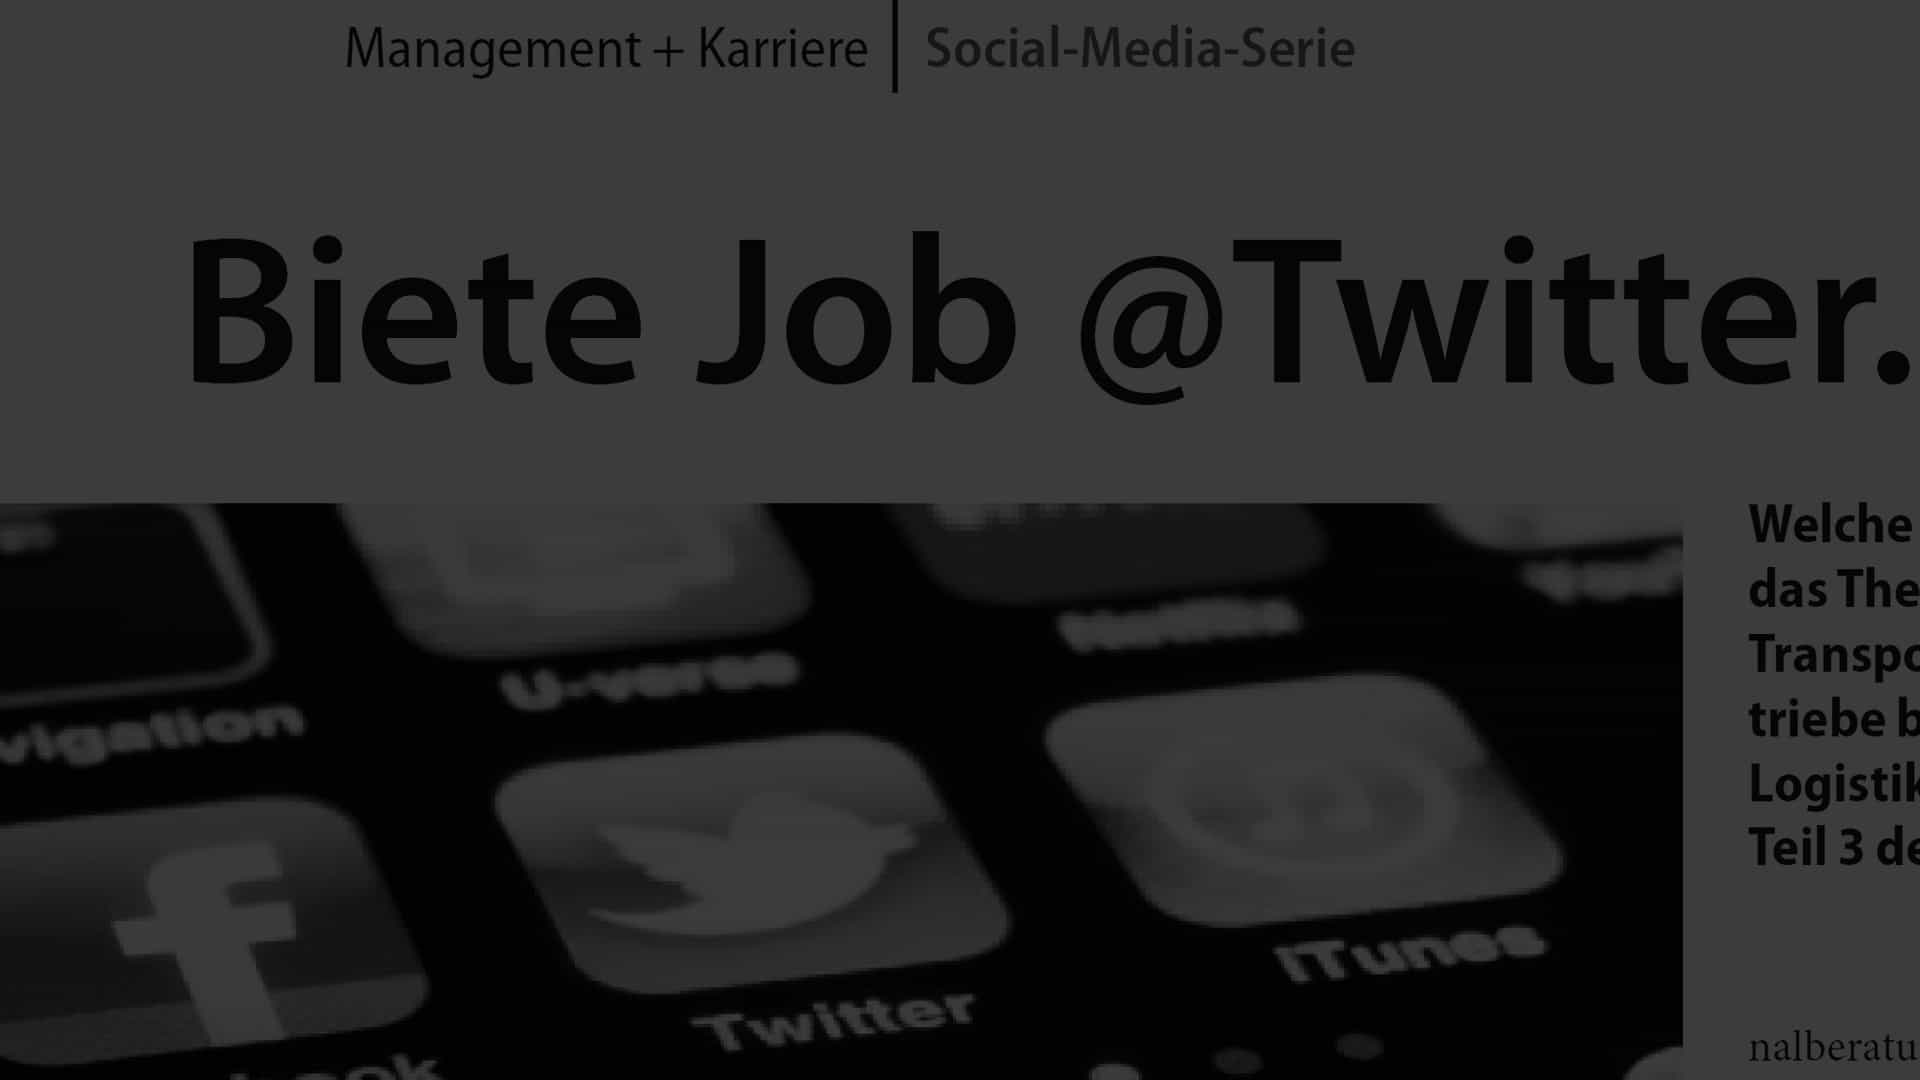 Artikel Biete Job at Twitter